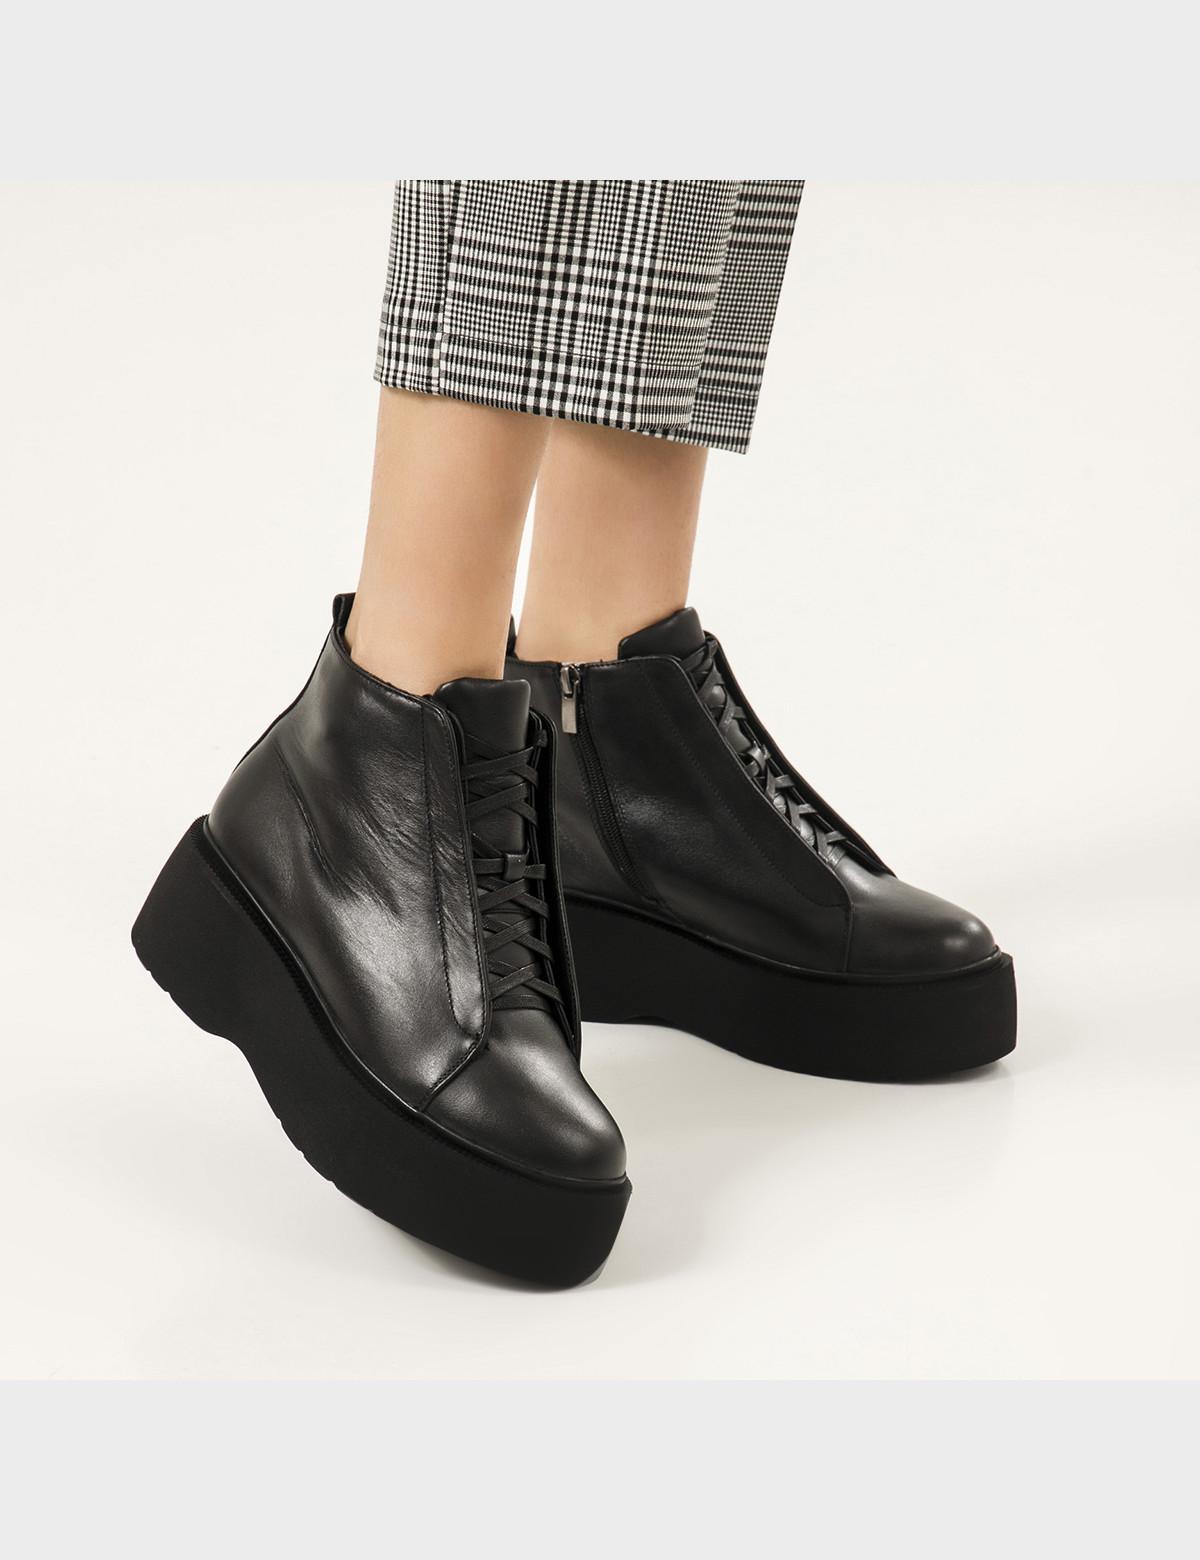 Ботинки черные натуральная кожа. Байка5